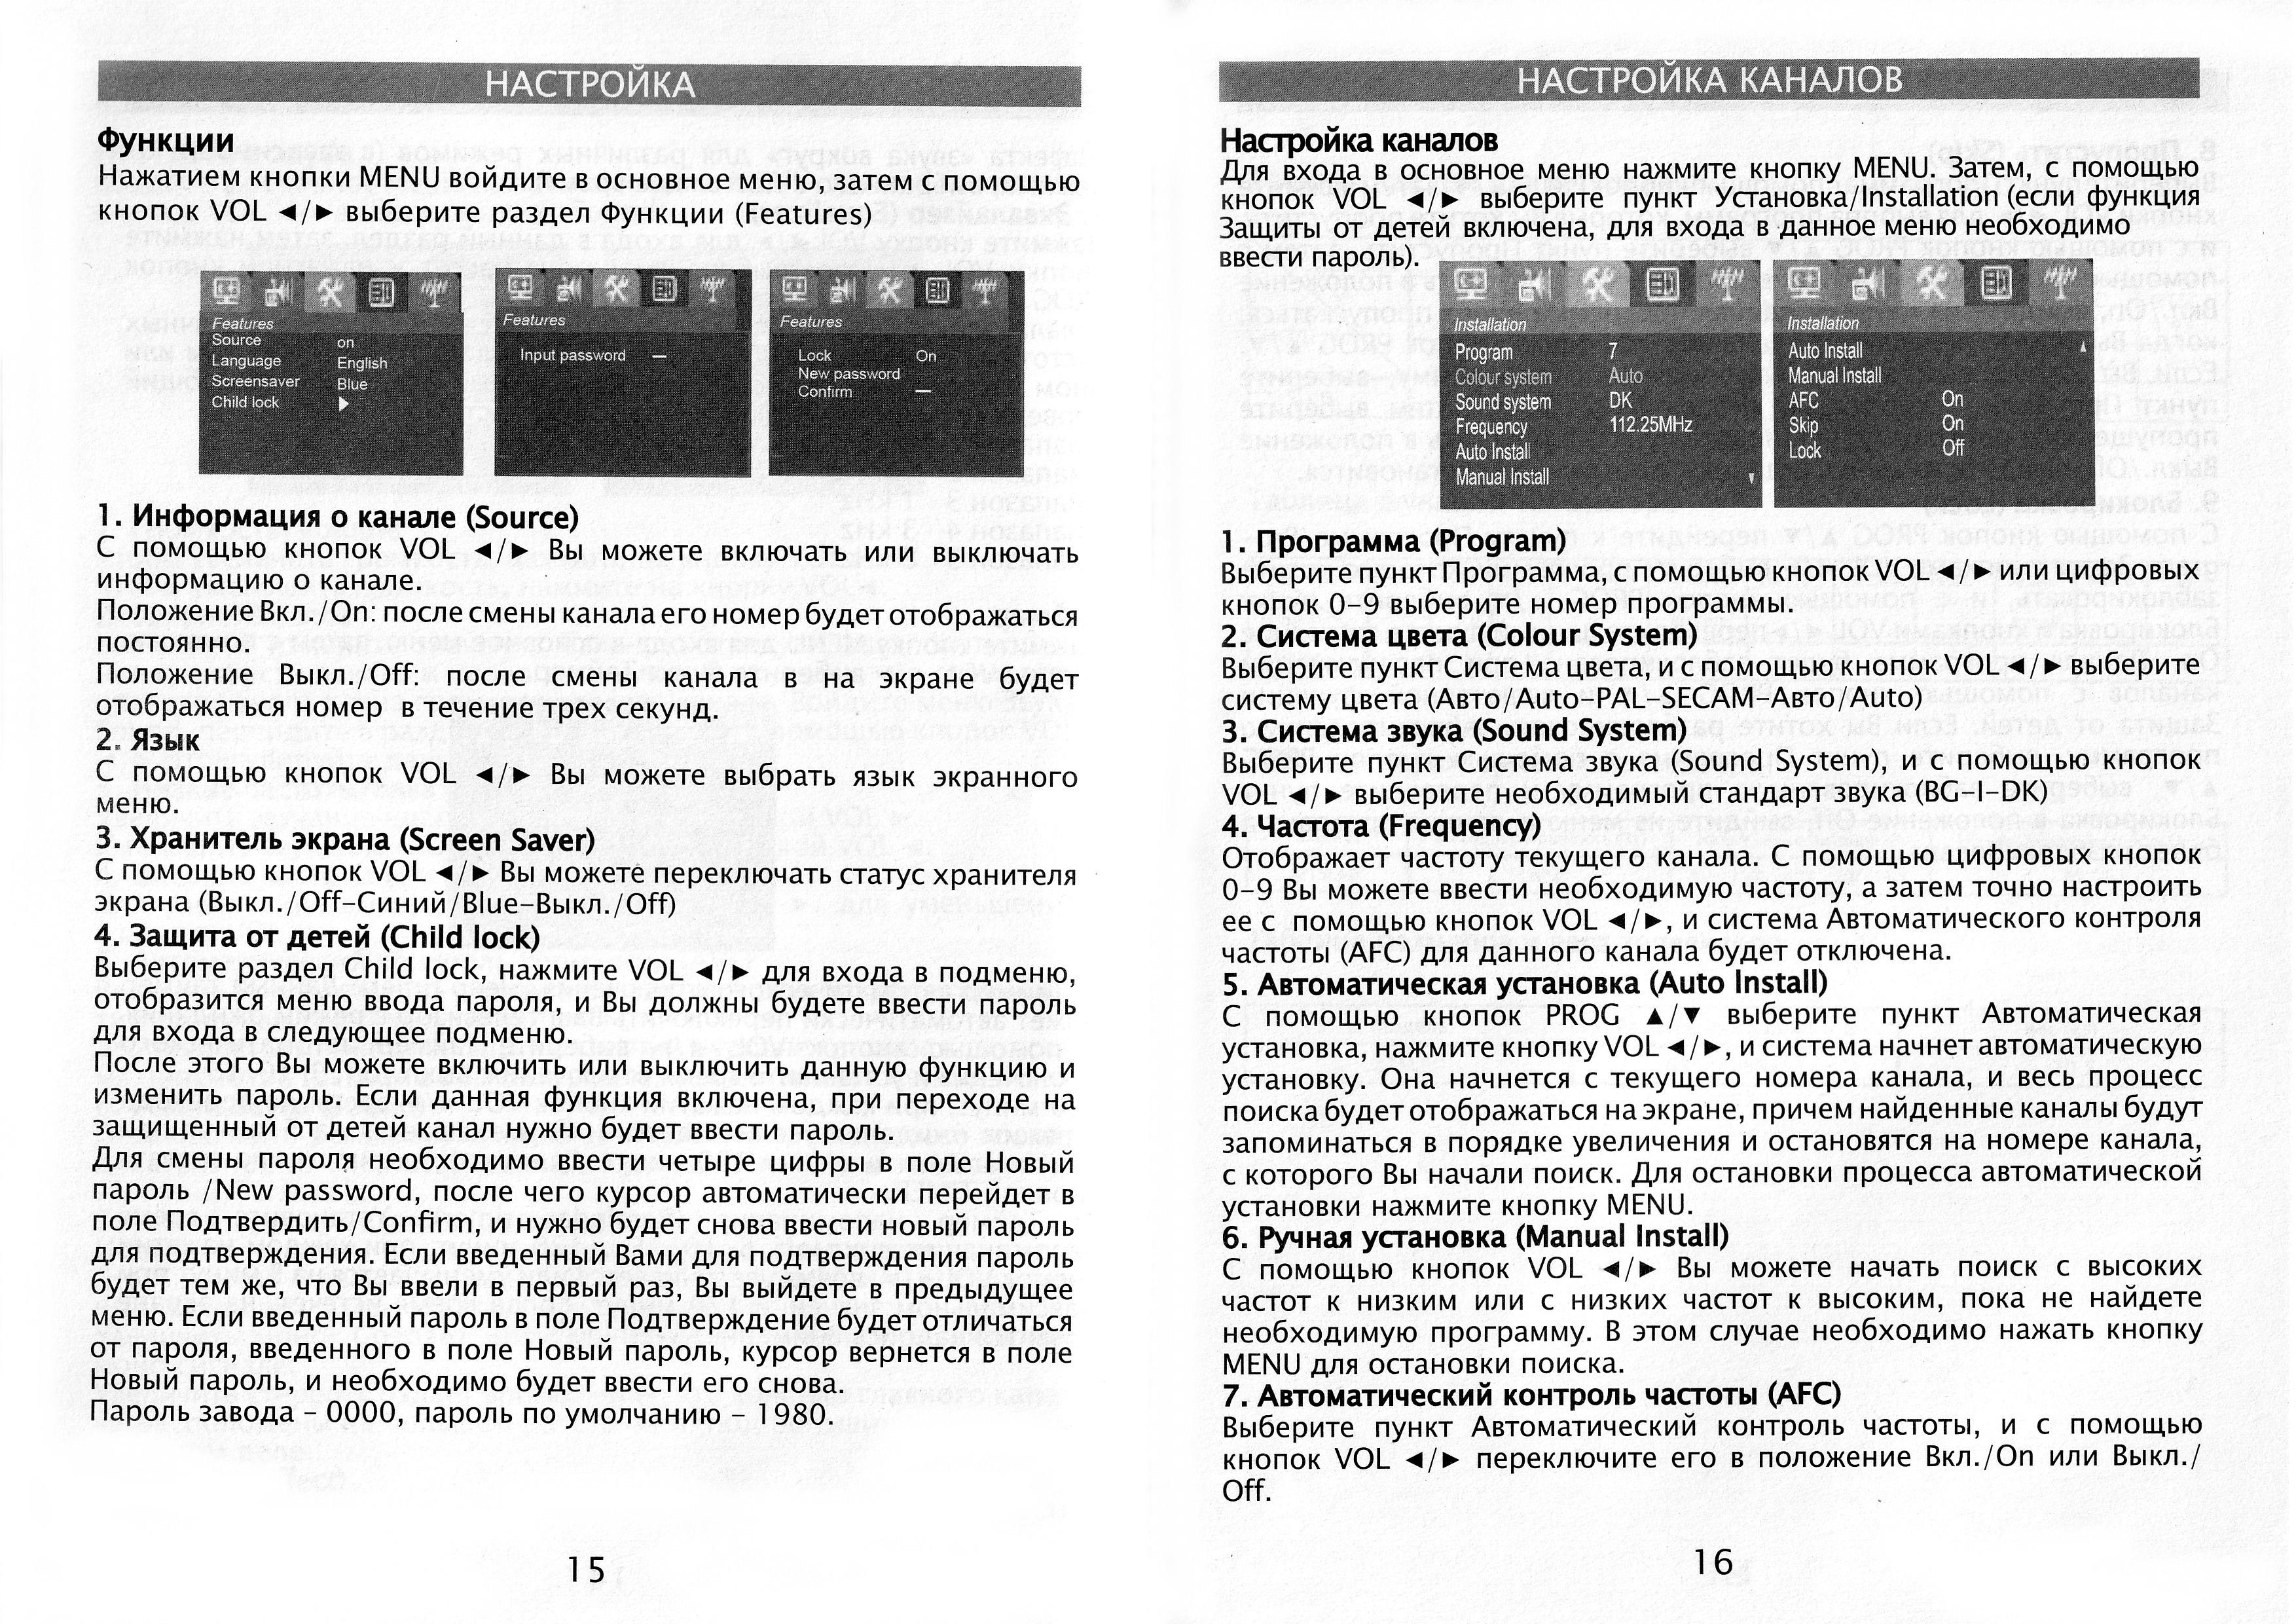 инструкция телевизора sharp lc 32d44ru bk